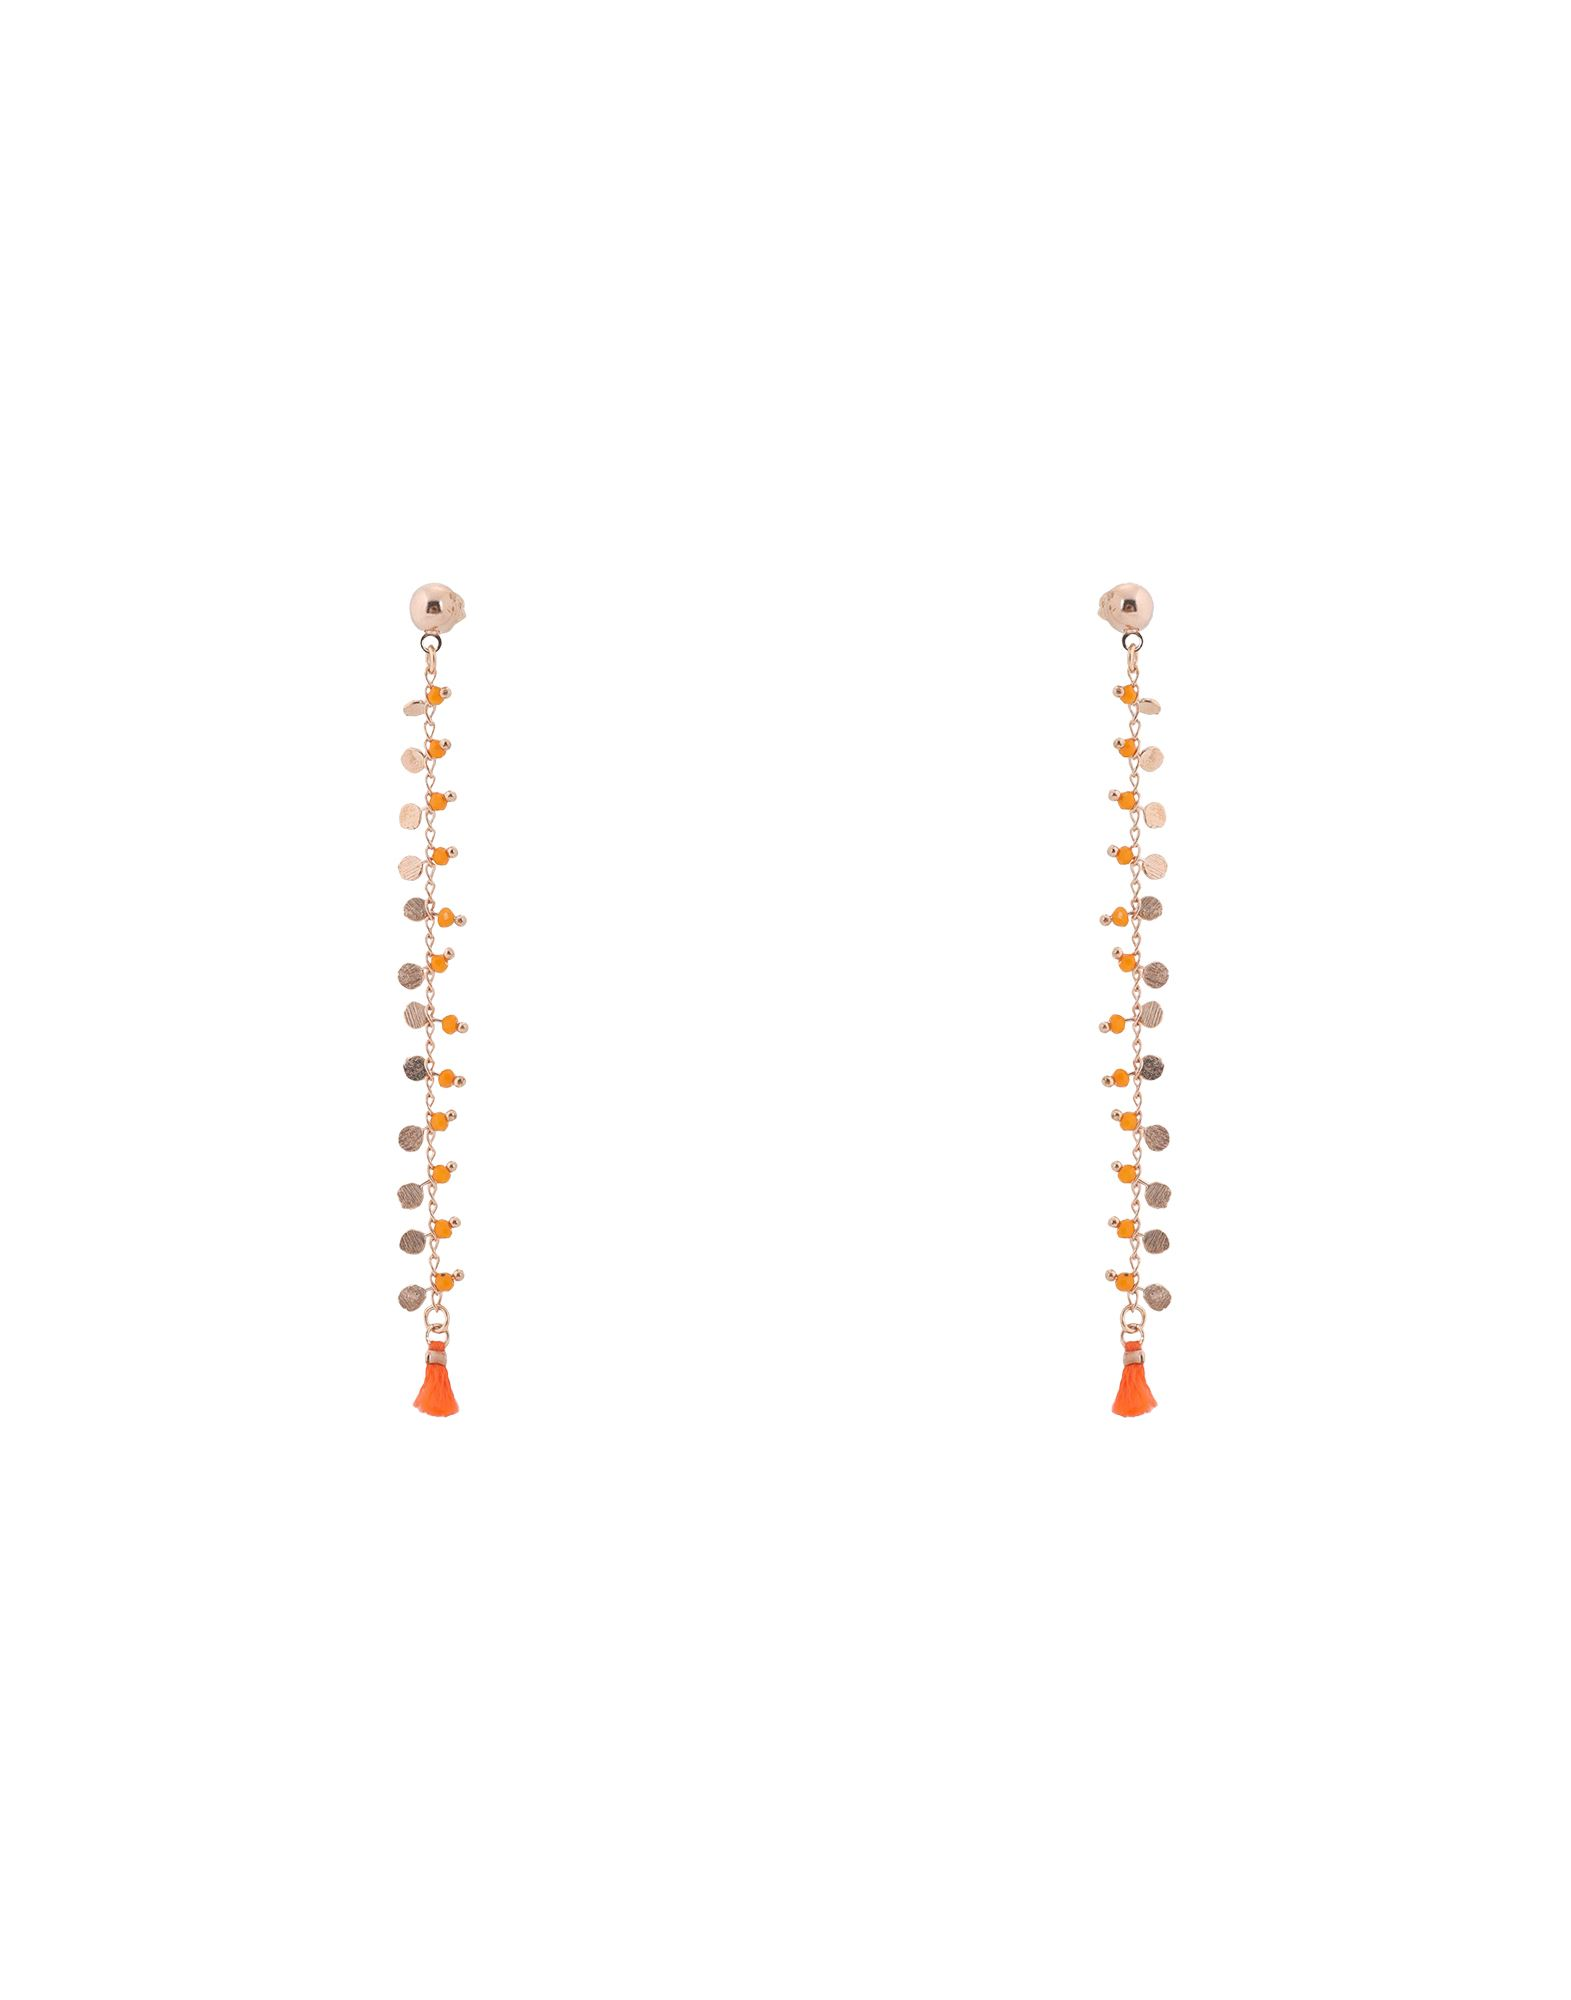 《セール開催中》FIRST PEOPLE FIRST レディース イヤリング オレンジ 真鍮/ブラス / スワロフスキー INDIE EARRINGS